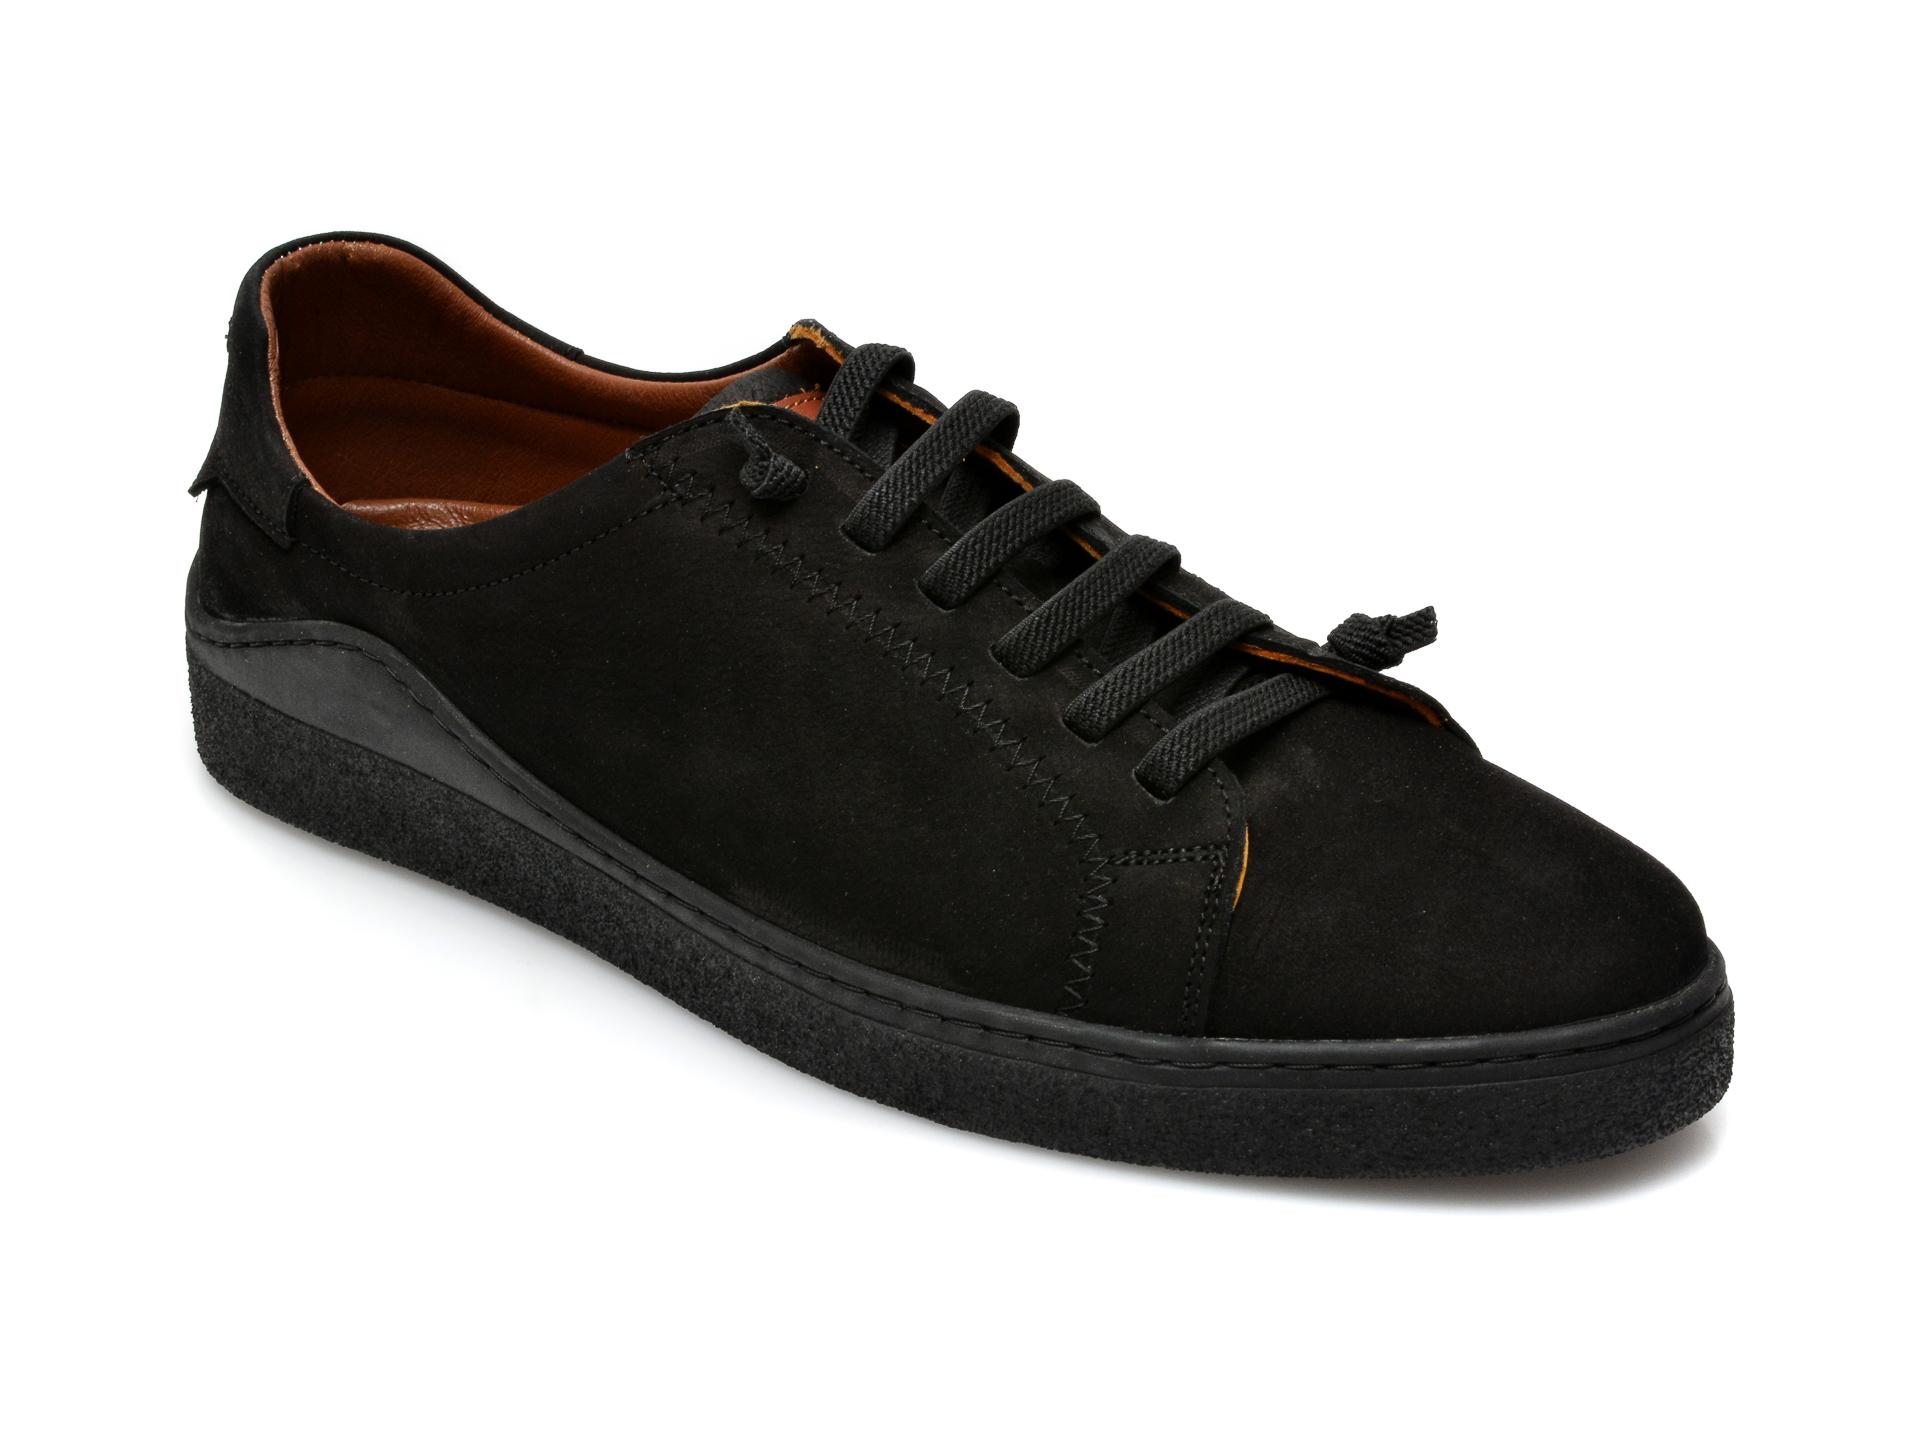 Pantofi OTTER negri, M5607, din nabuc imagine otter.ro 2021